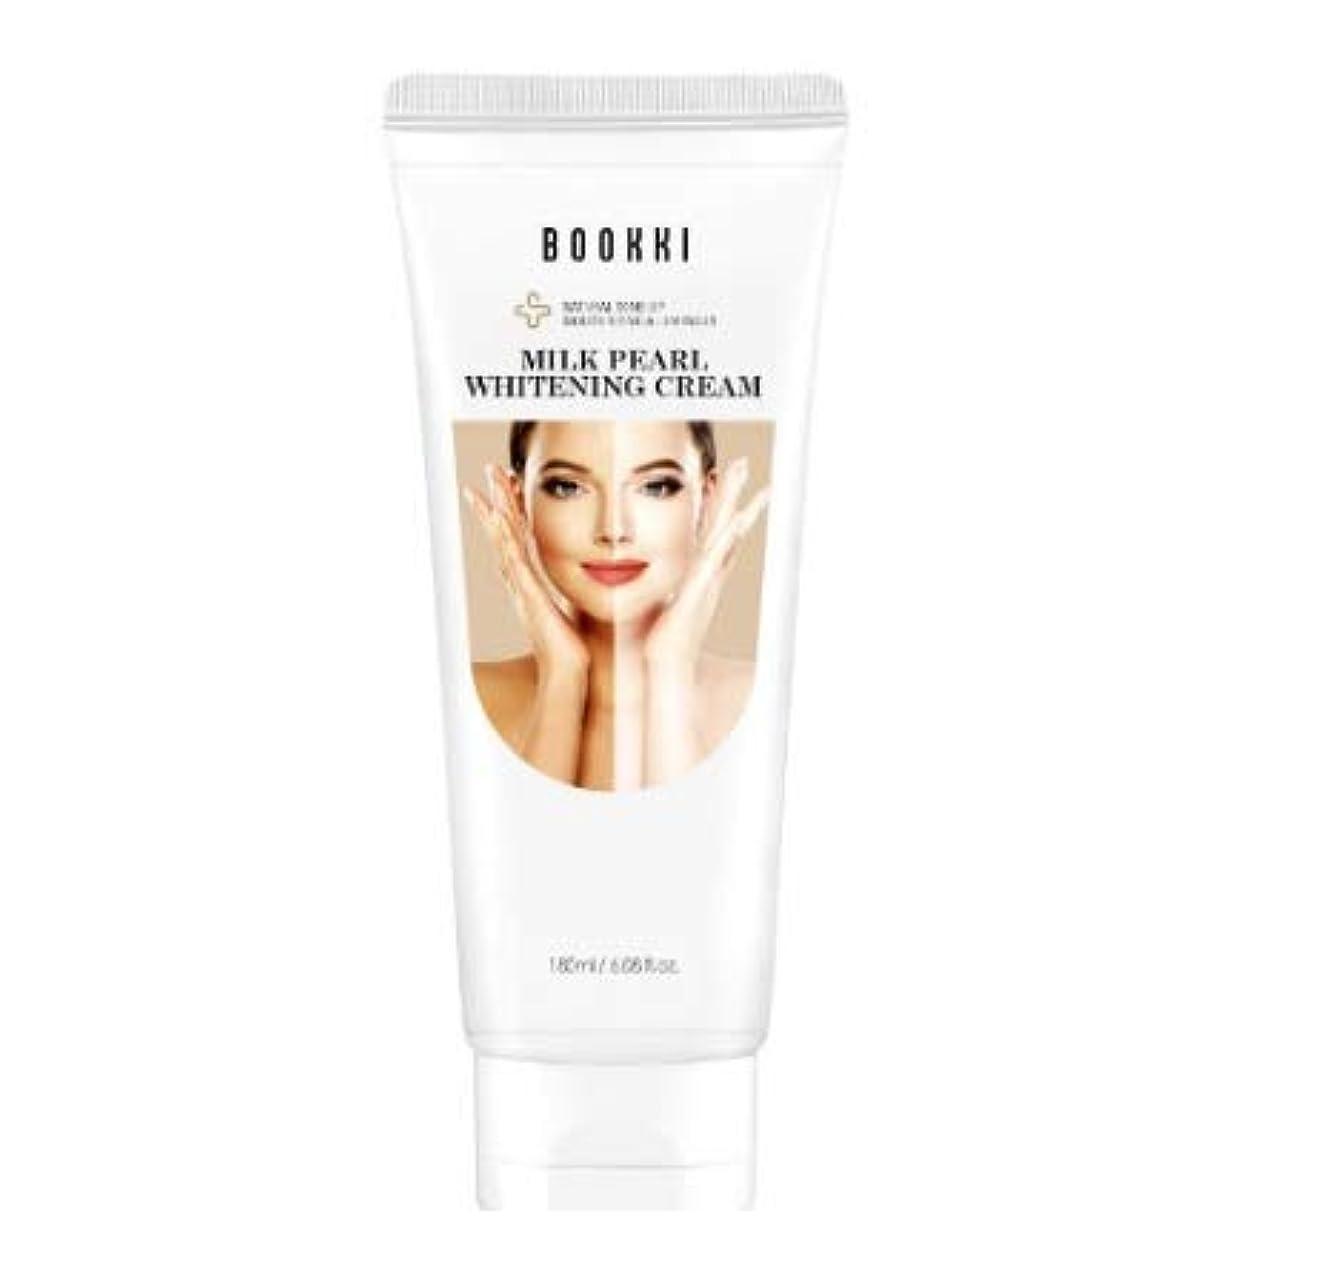 バイパスひどくモナリザミルク·パール·ホワイトニング·クリーム (180ml) 美白 美顔 美容 ホワイトニング